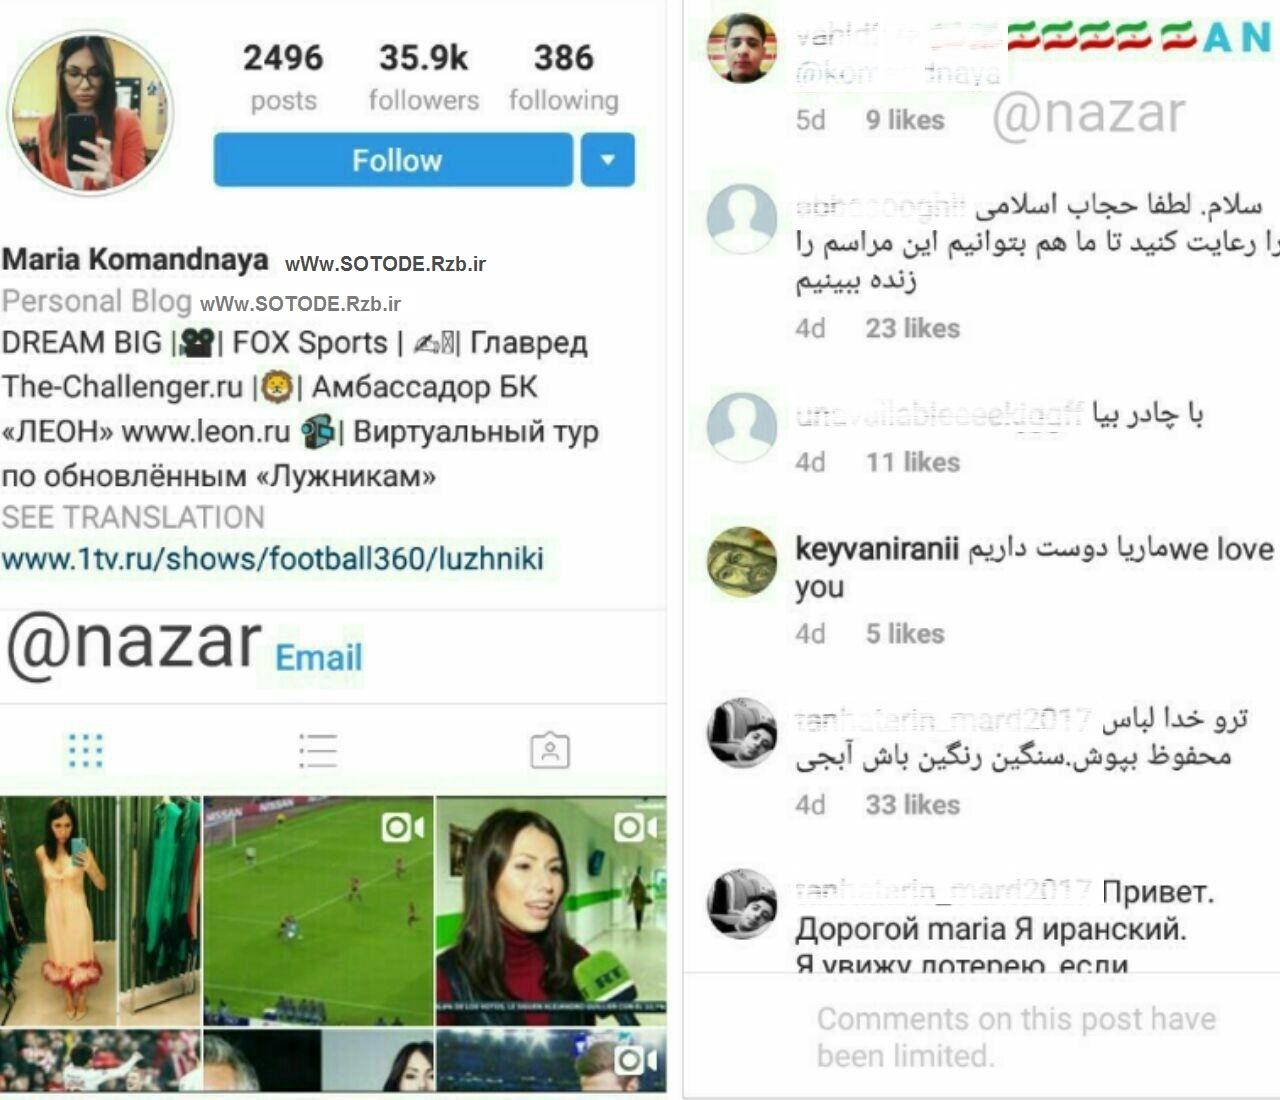 درخواست کاربران ایرانی از ماریا کوماندنایا برای حضور در مراسم قرعه کشی جام جهانی 2018 روسیه